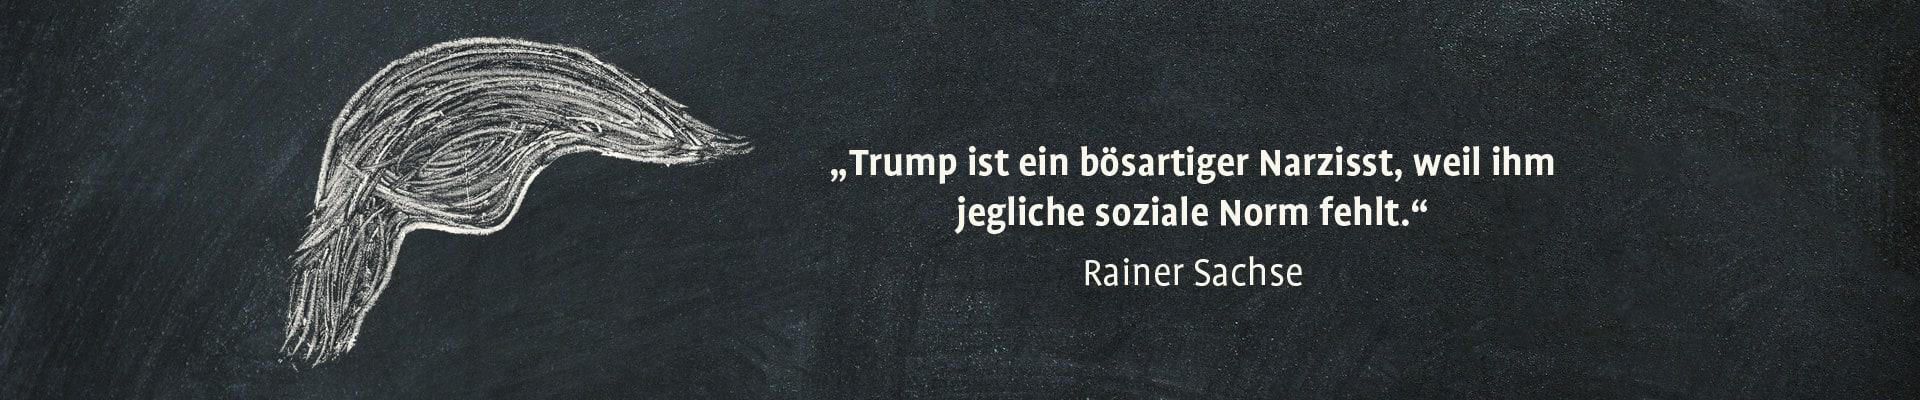 """""""Trump ist ein bösartiger Narzisst, weil ihm jegliche soziale Norm fehlt."""" – Rainer Sachse"""